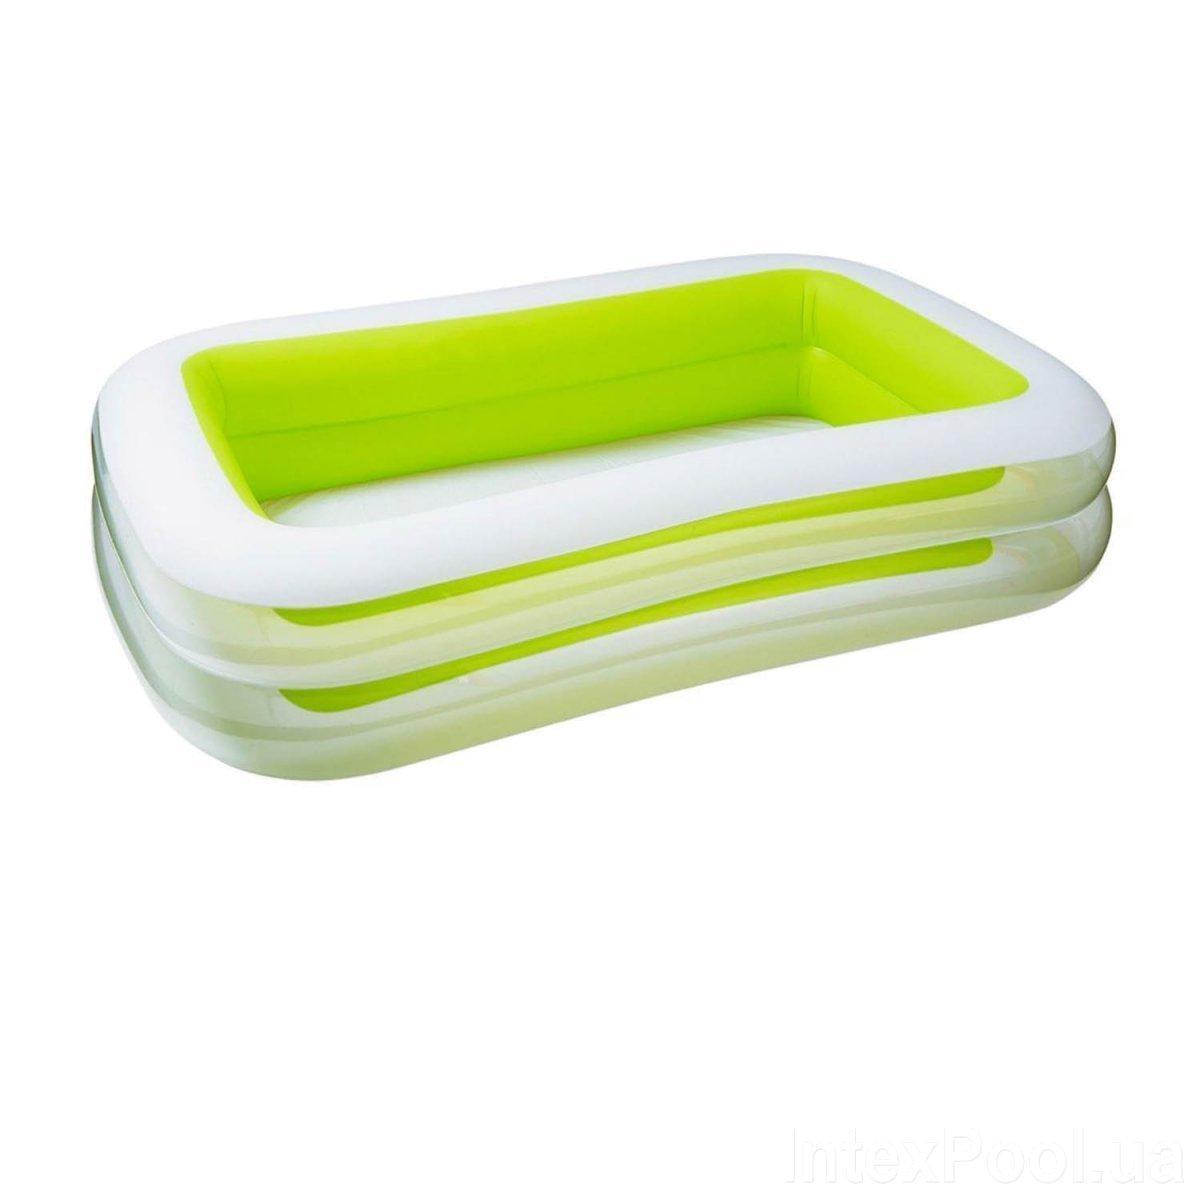 Детский надувной бассейн Intex 56483, зеленый Морская волна, 262 х 175 х 56 см